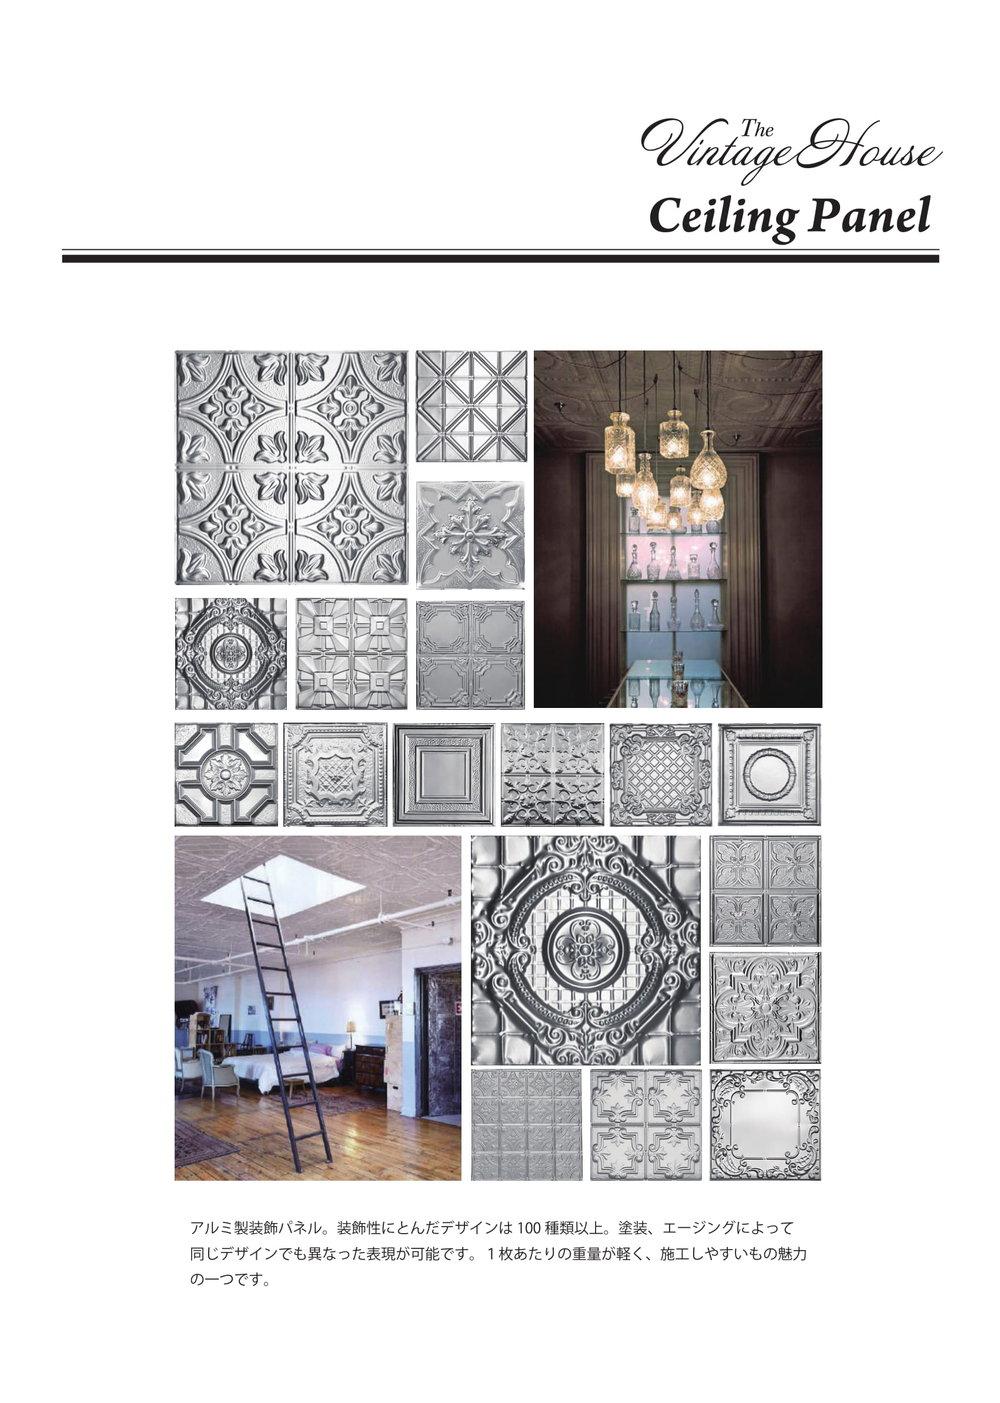 シーリングパネル ceiling panel 天井 アート アルミ